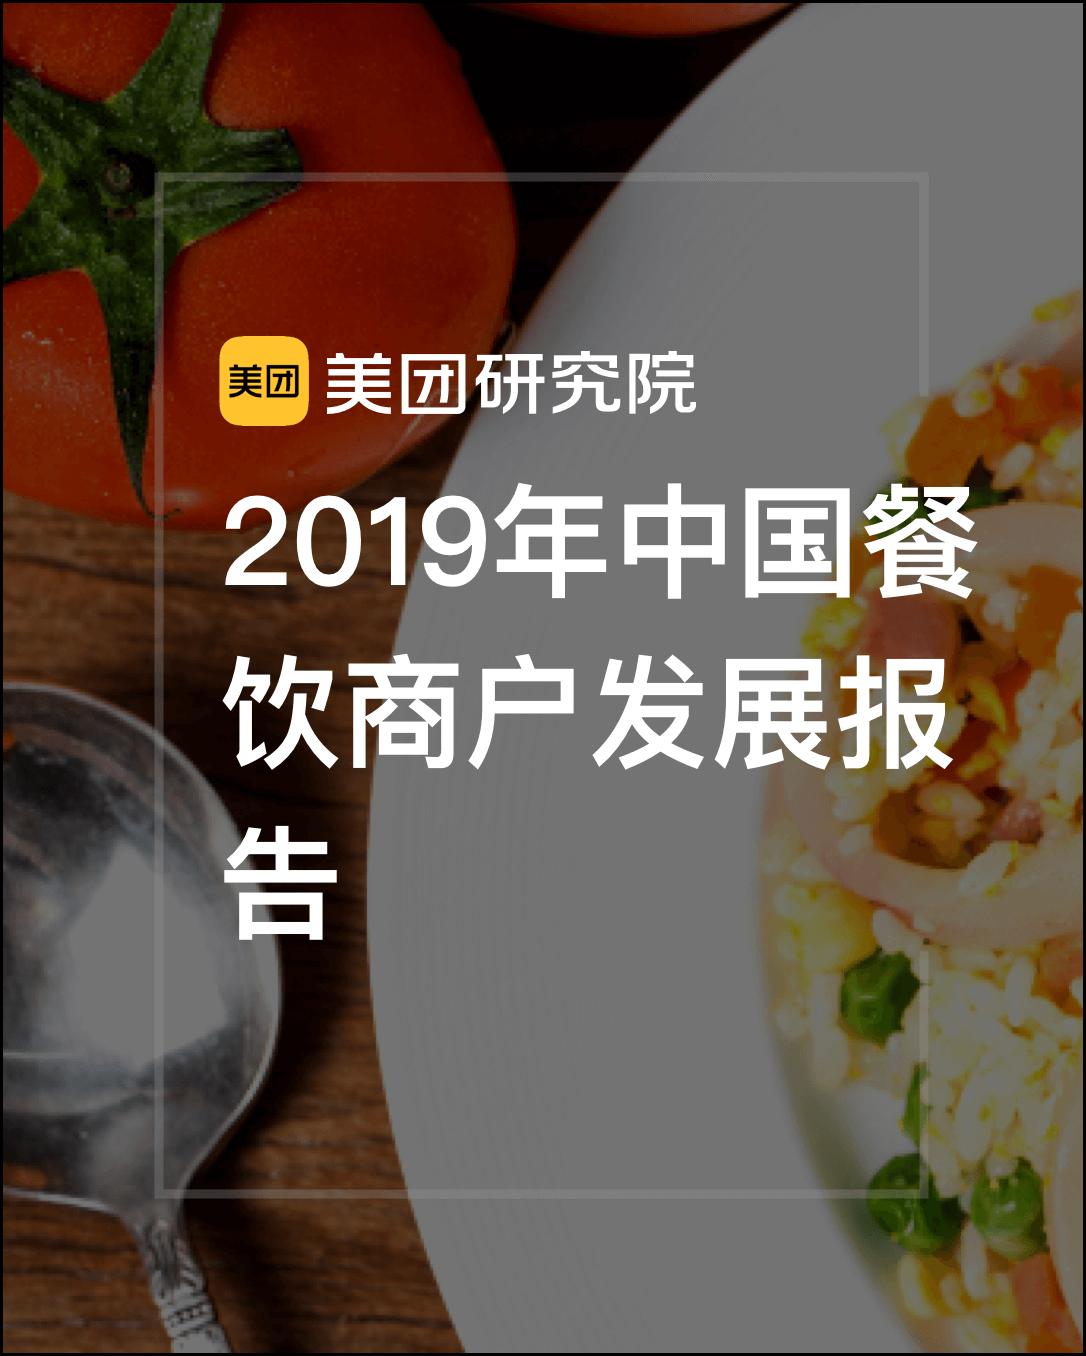 2019中国餐饮商户发展报告